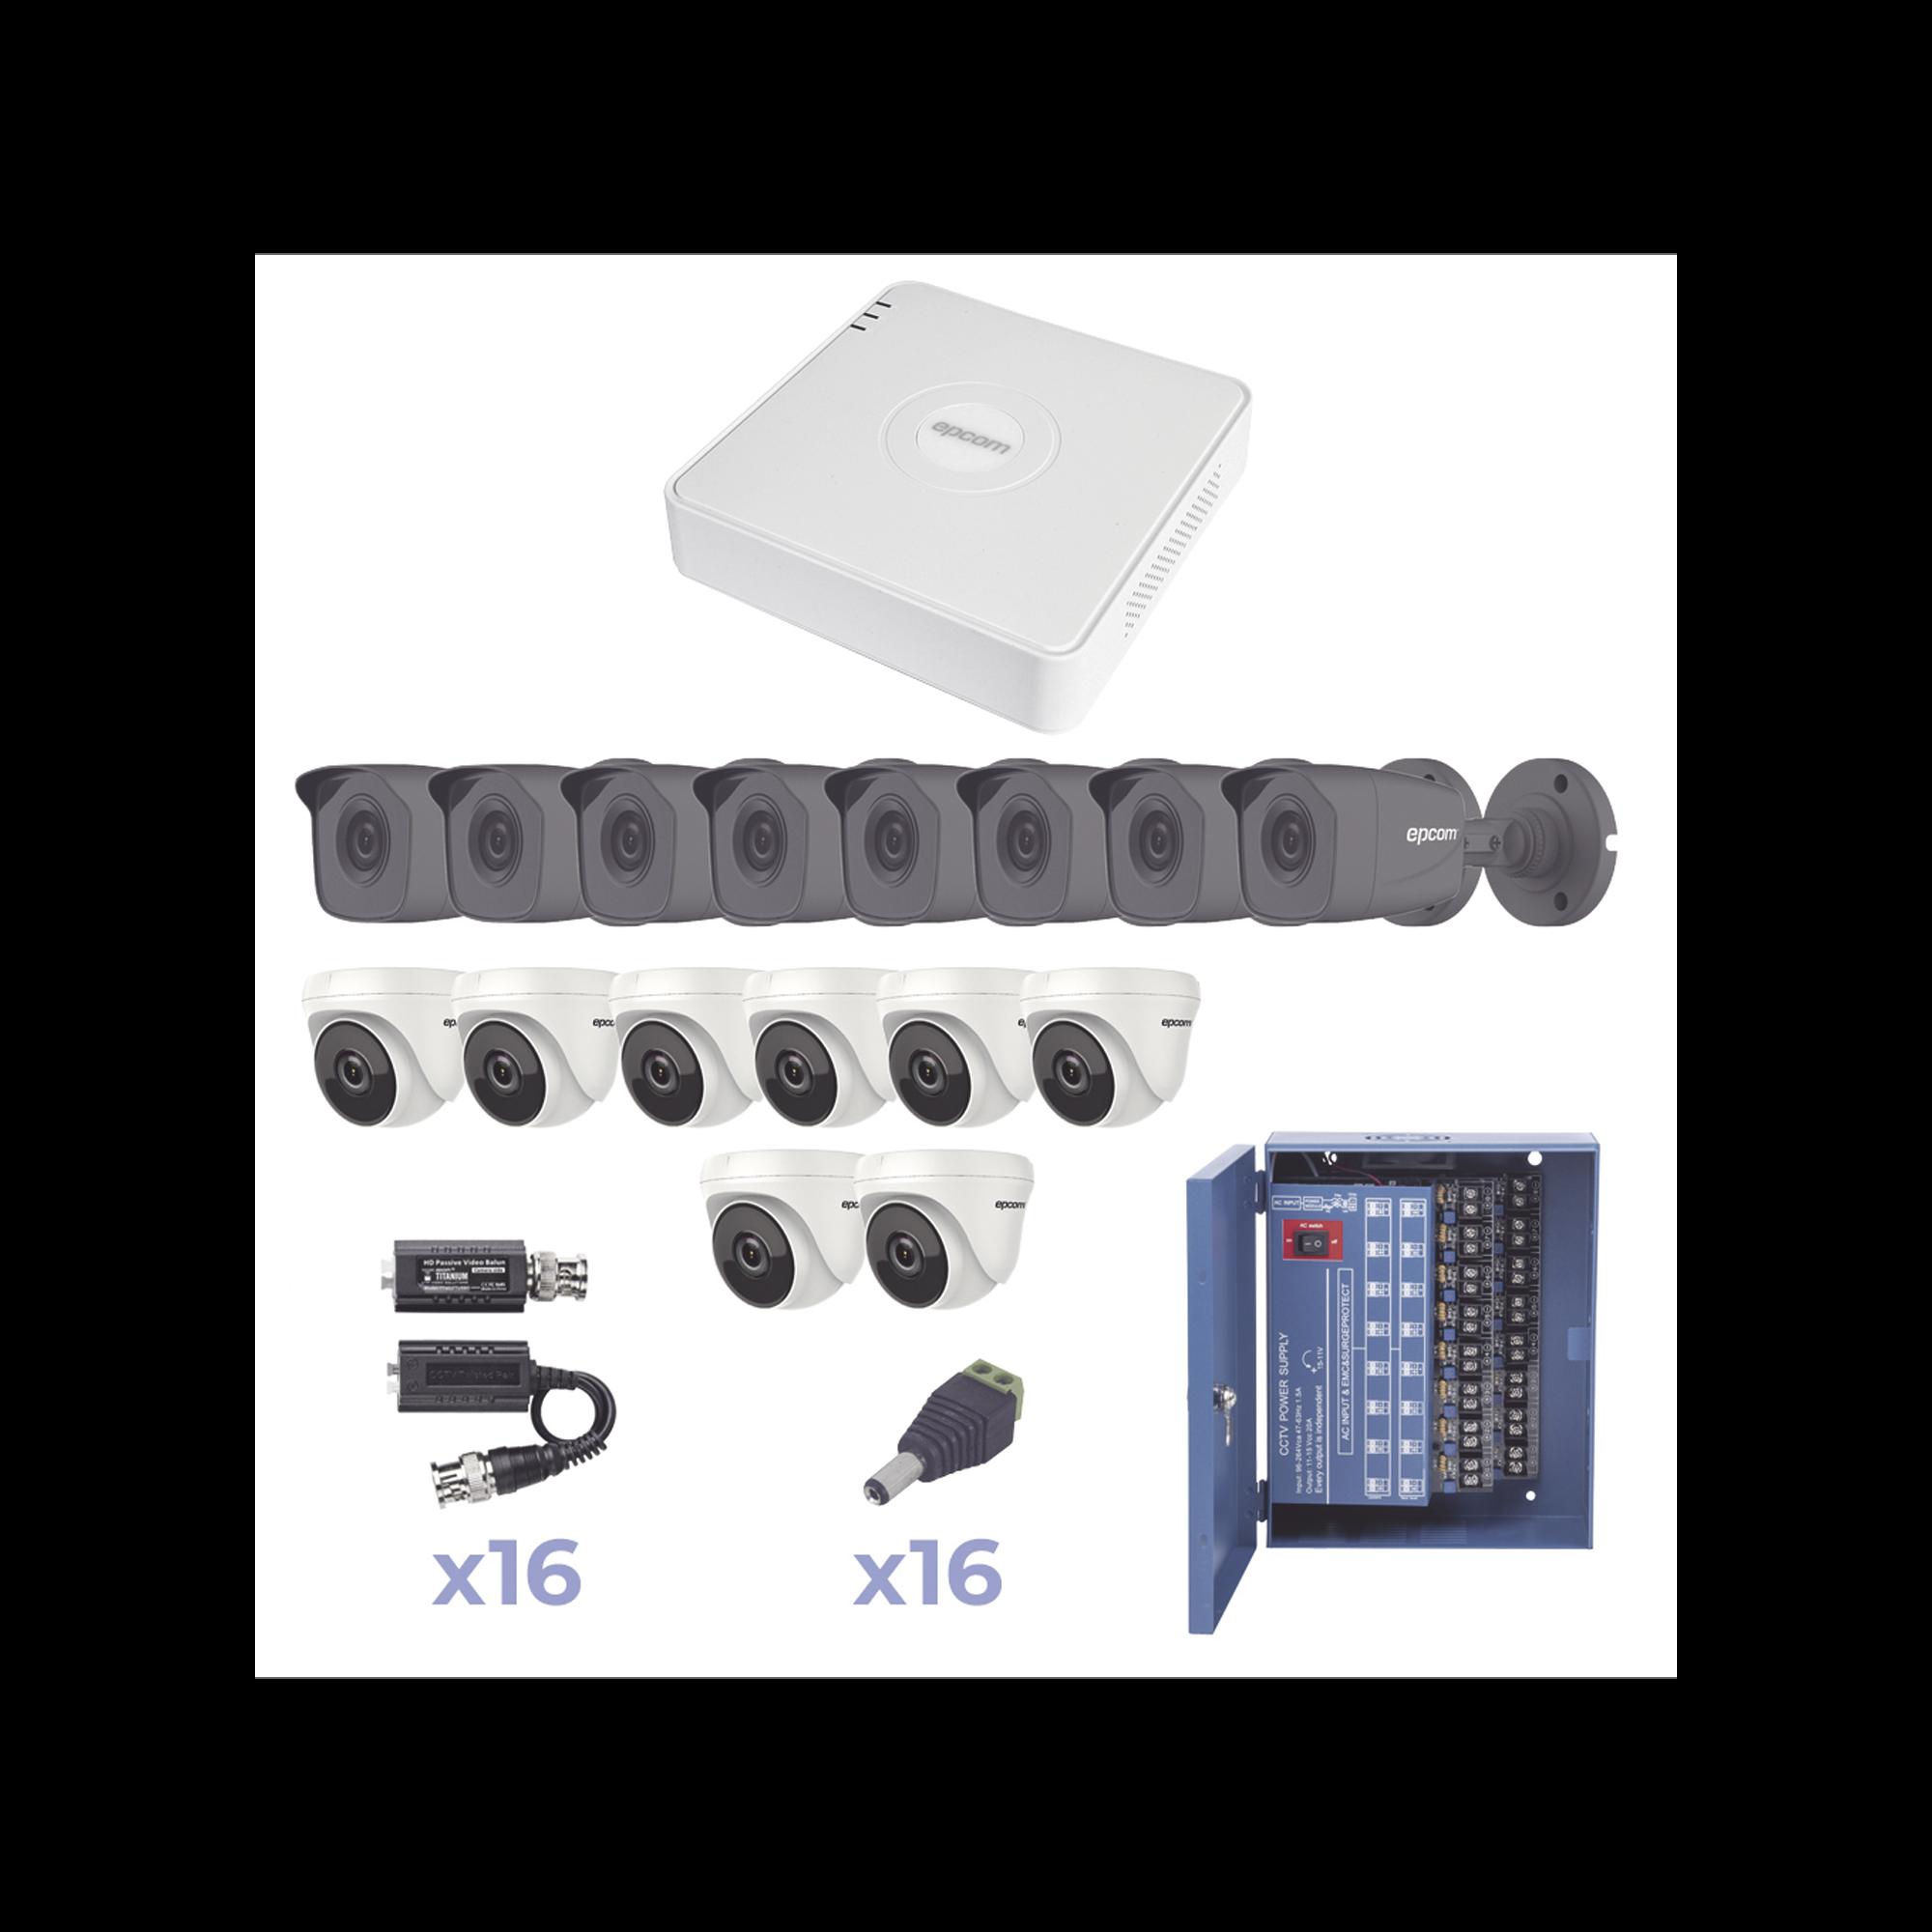 KIT TurboHD 720p / DVR 16 Canales / 8 Cámaras Bala (exterior, gran angular) / 8 Cámaras Eyeball / Transceptores / Conectores / Fuente de poder profesional Heavy Duty 20A, Hasta 15Vcd para Larga Distancia